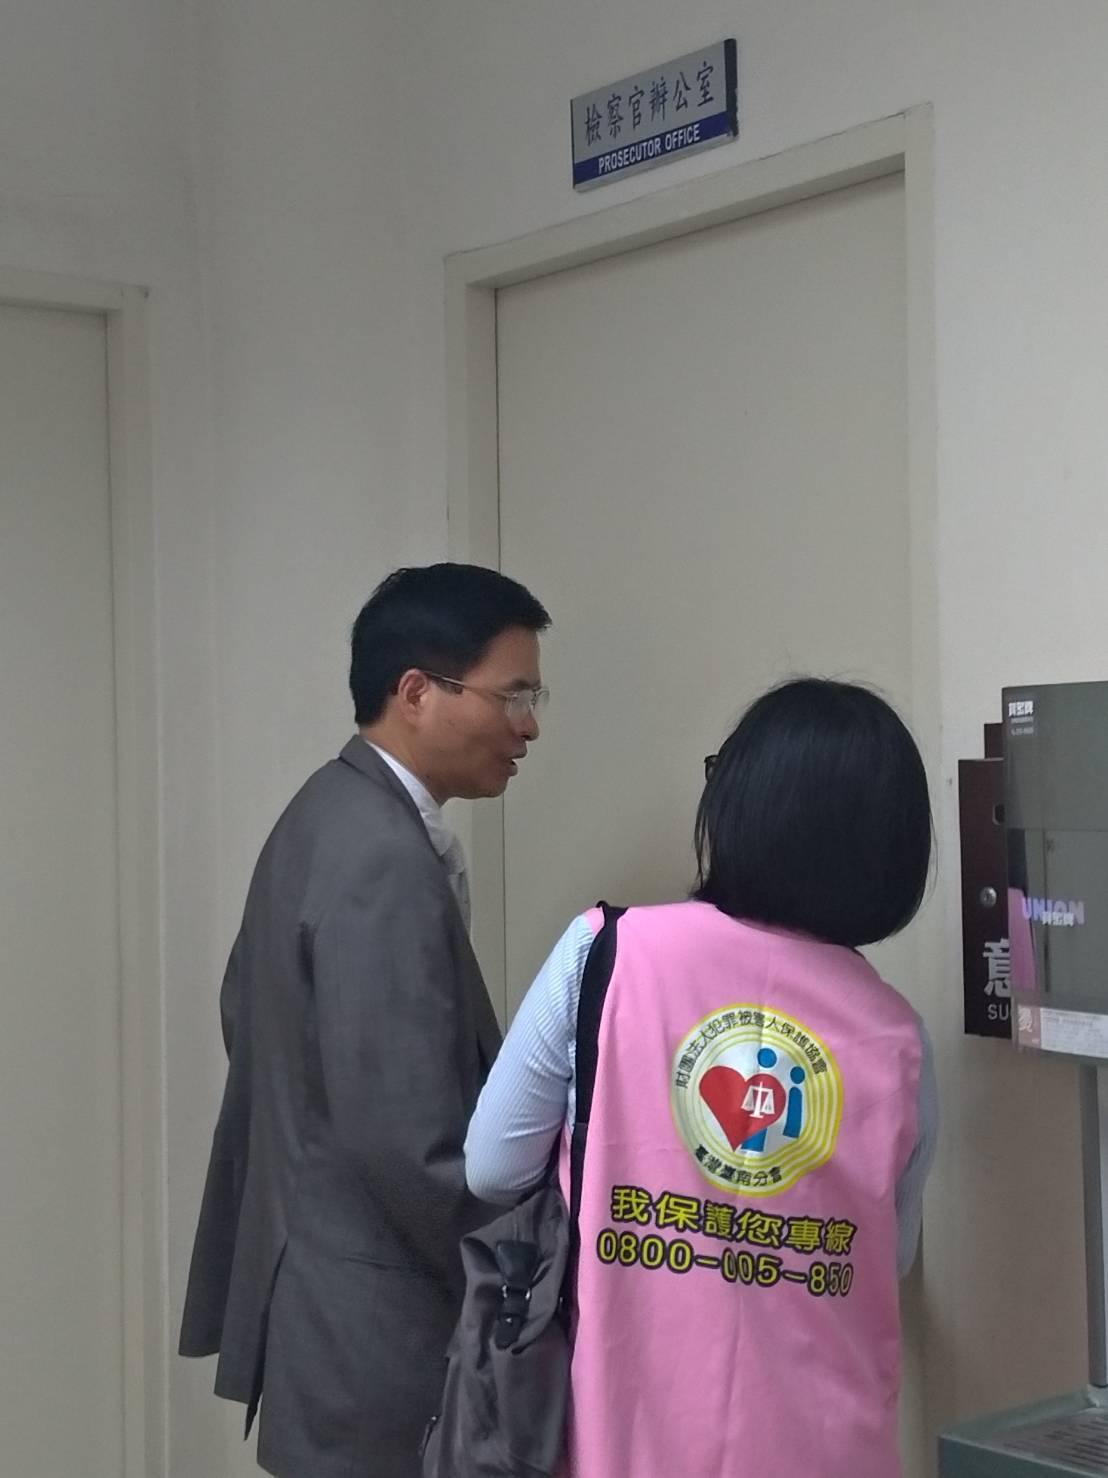 台南地檢署檢察長林錦村前往殯儀館,慰問家屬。記者陳俞安/拍攝